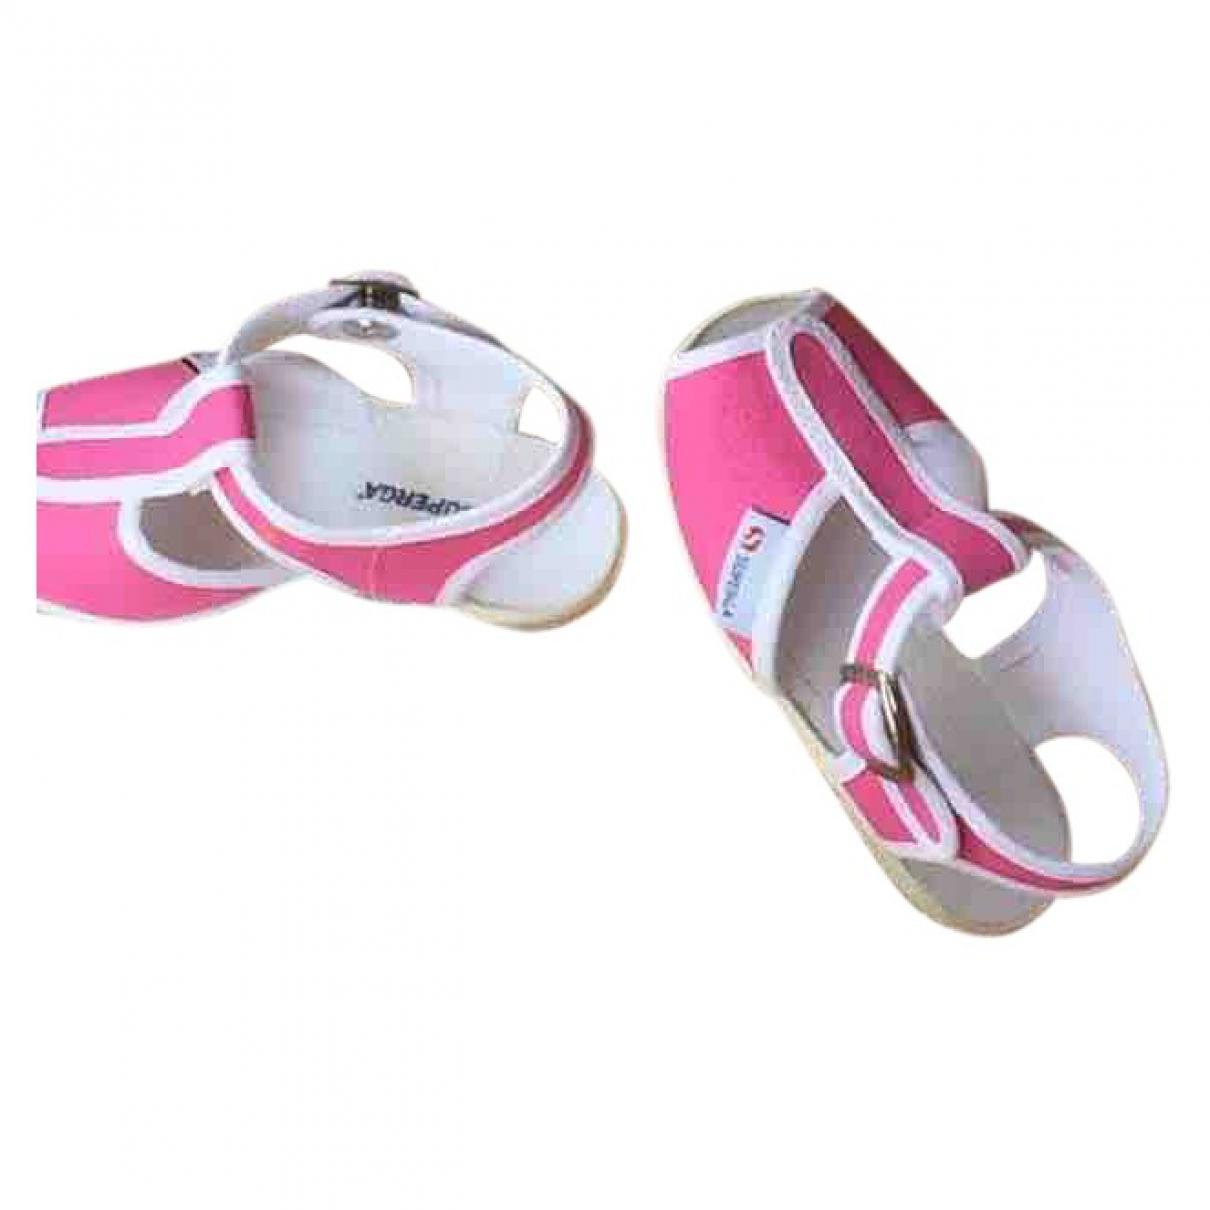 Superga - Sandales   pour enfant en toile - rose